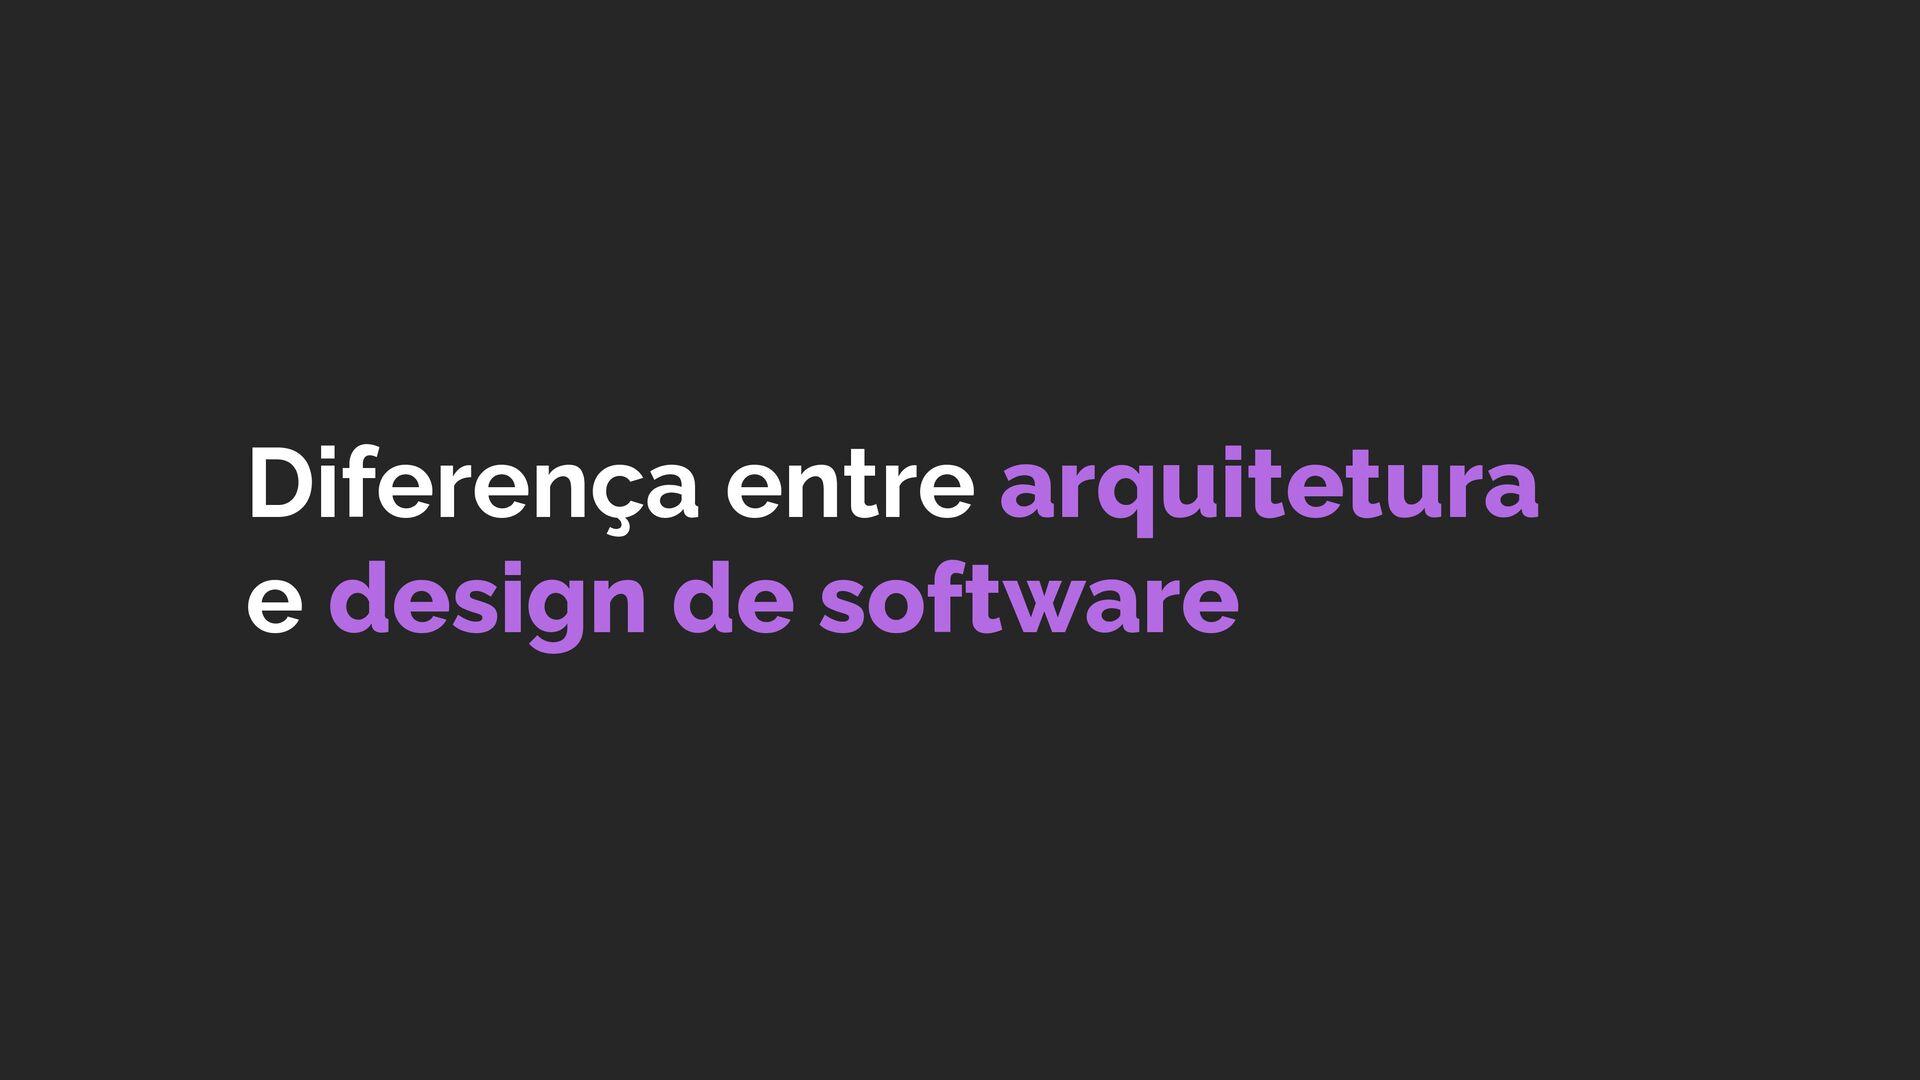 Diferença entre arquitetura e design de softwa...